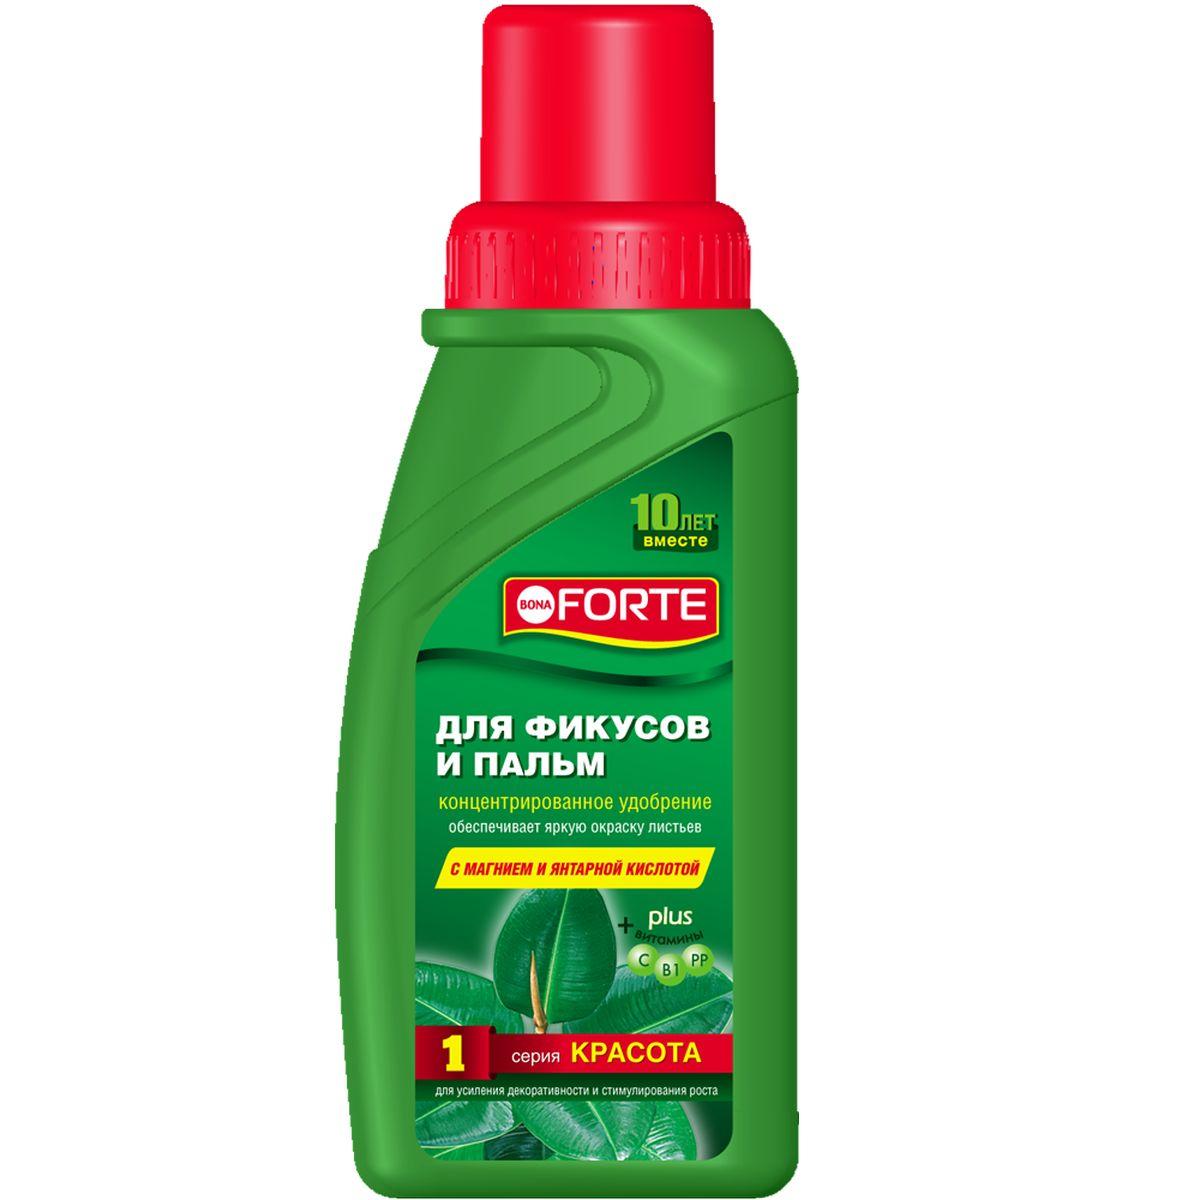 Жидкое комплексное удобрение Bona Forte, для фикусов и пальм, 285 млBF-21-01-022-1Специальный состав удобрений придает сочную зелень листьям, стимулирует рост побегов и защищает иммунитет.Состав: NPK+Mg (6:4:5 + 1 ), микроэлементы, витамины, стимулятор роста - янтарная кислота. Cрок годности: 4 года. После окончания срока годности удобрение не теряет своей агрономической ценности. Температура хранения: -15 до +30 С . После размораживания продукт сохраняет свои свойства.